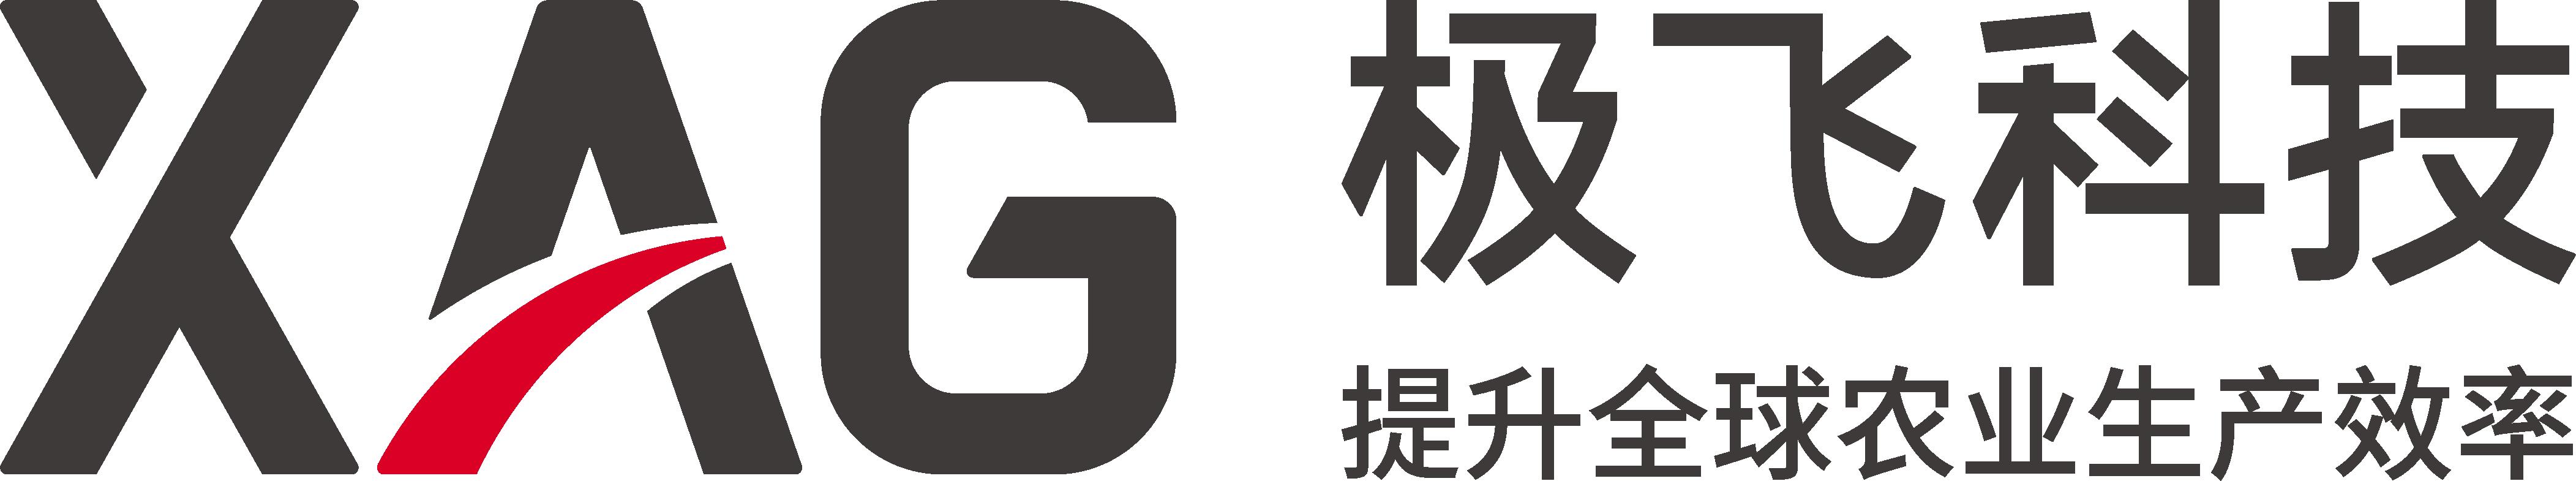 广州极飞科技亚搏电竞客户端下载